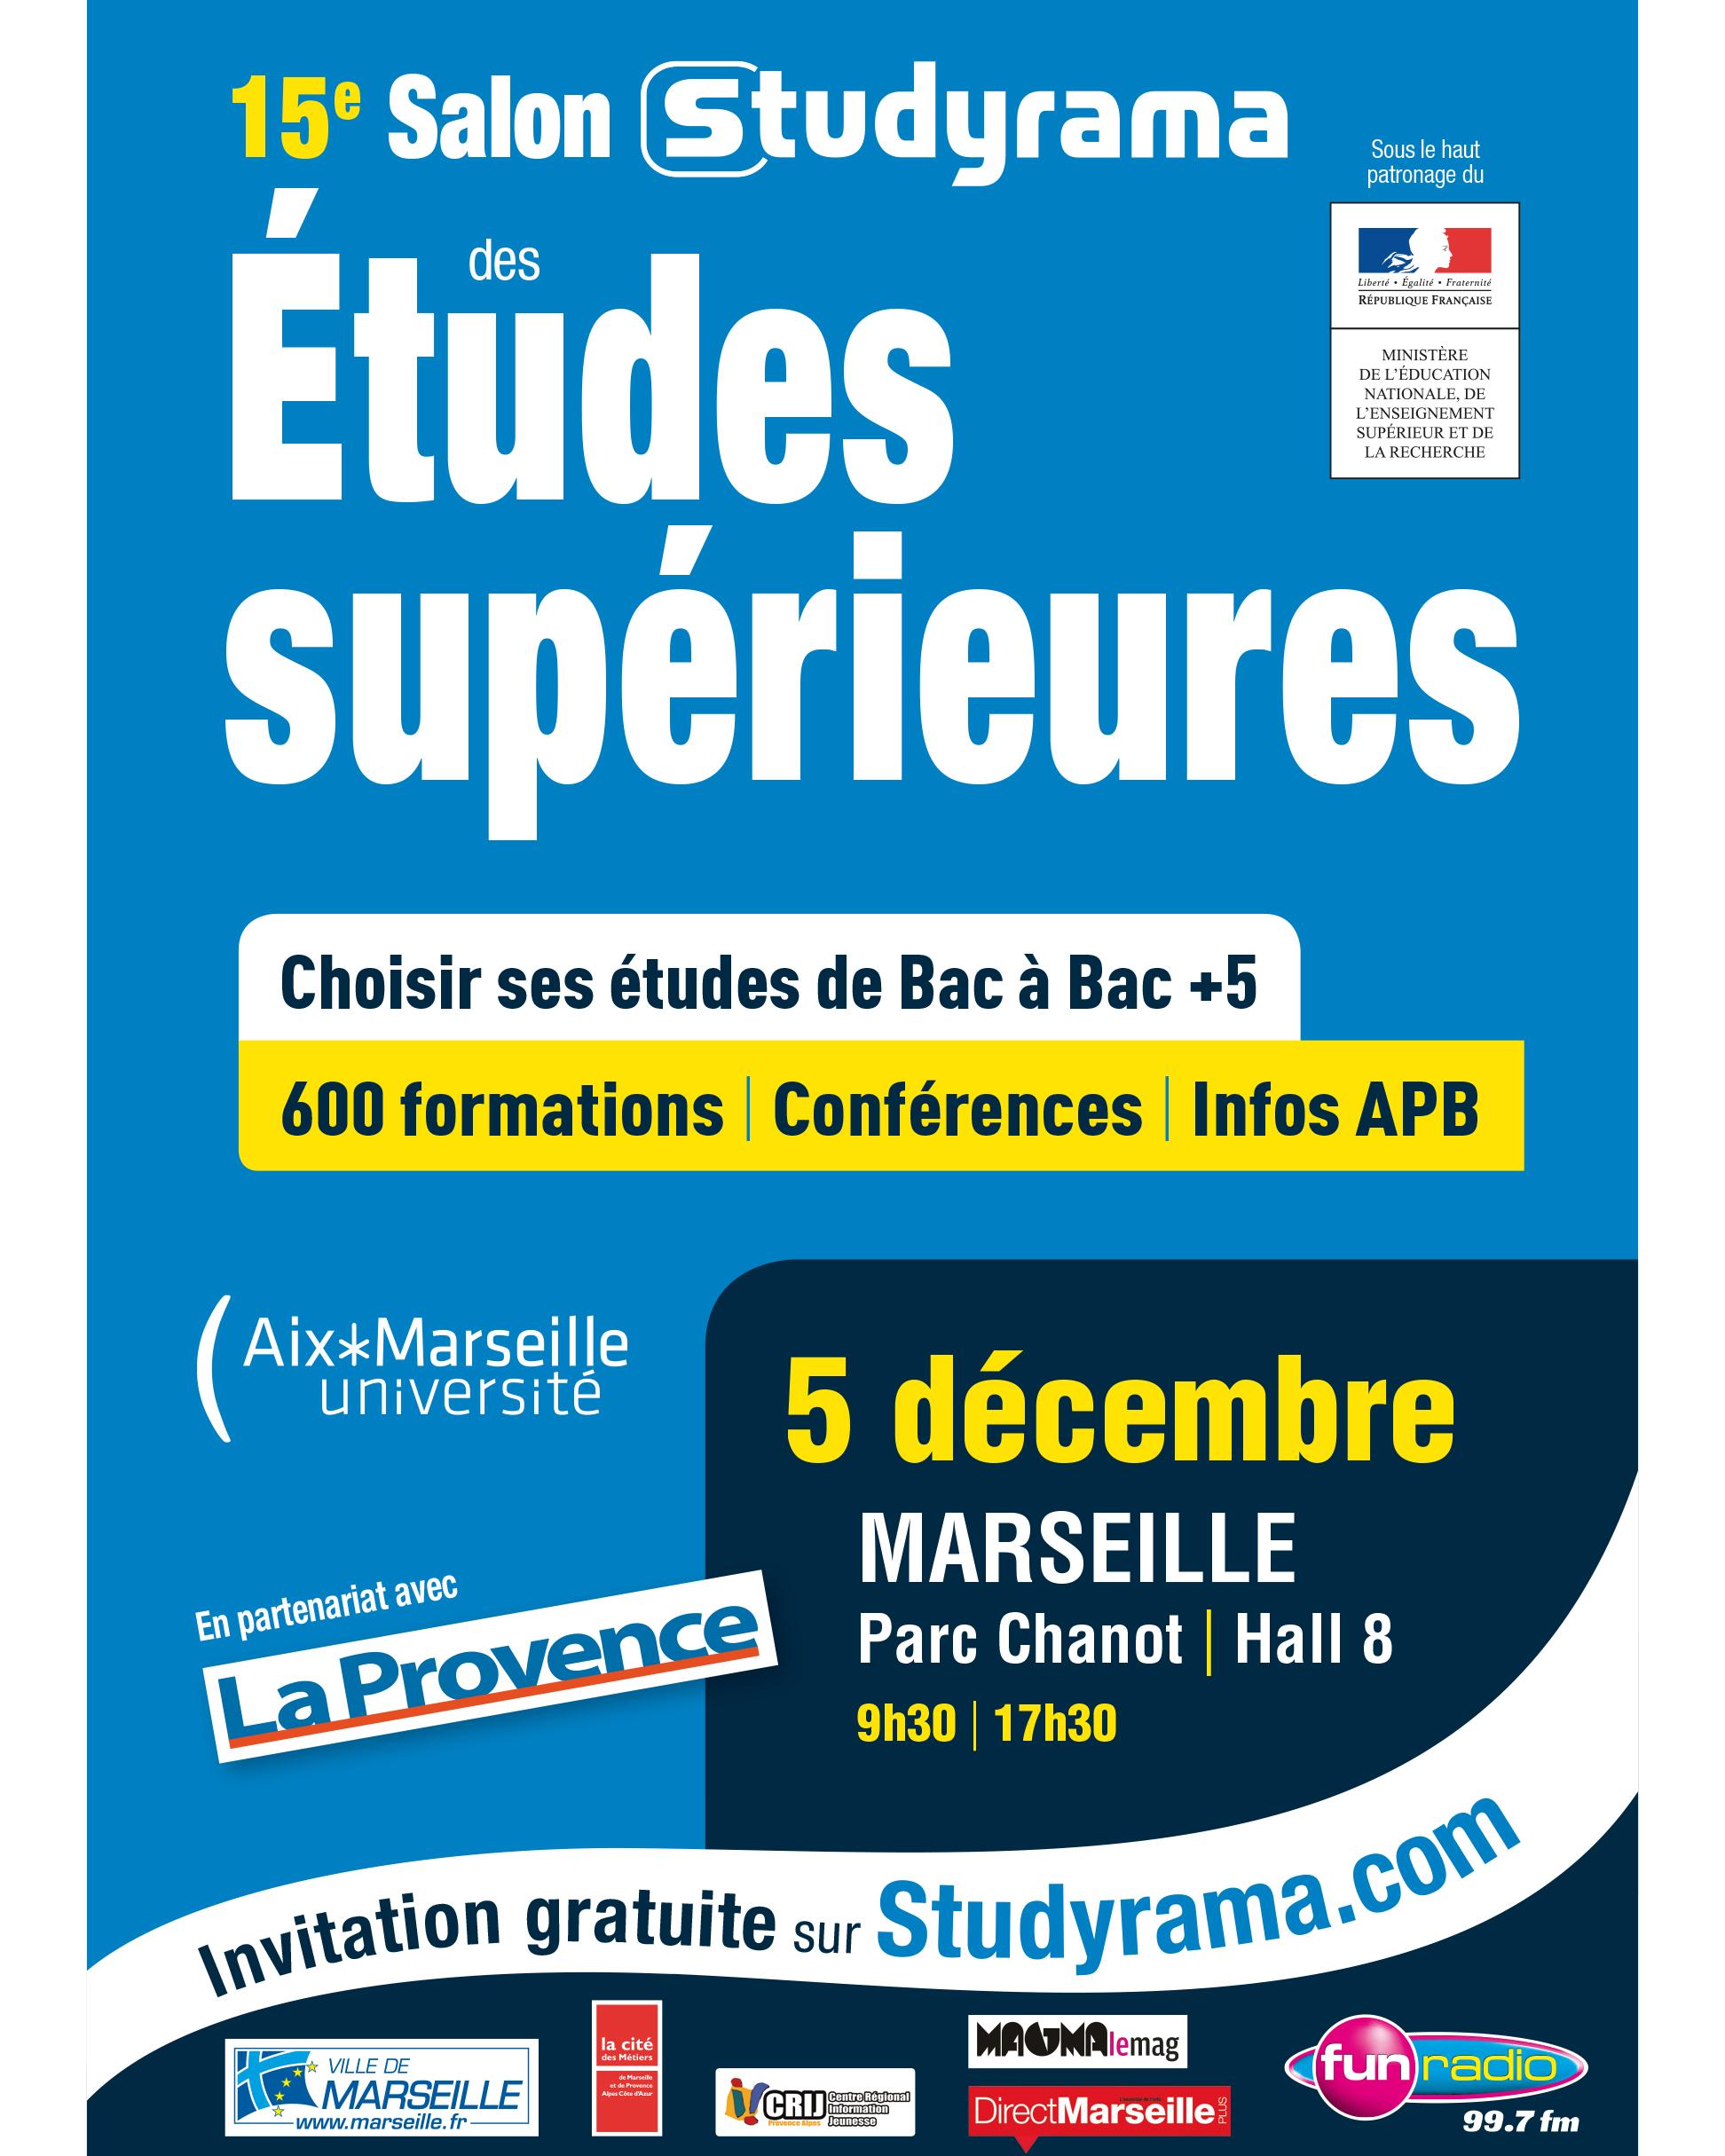 15e salon studyrama des tudes sup rieures samedi 5 for Salon porte de champerret studyrama